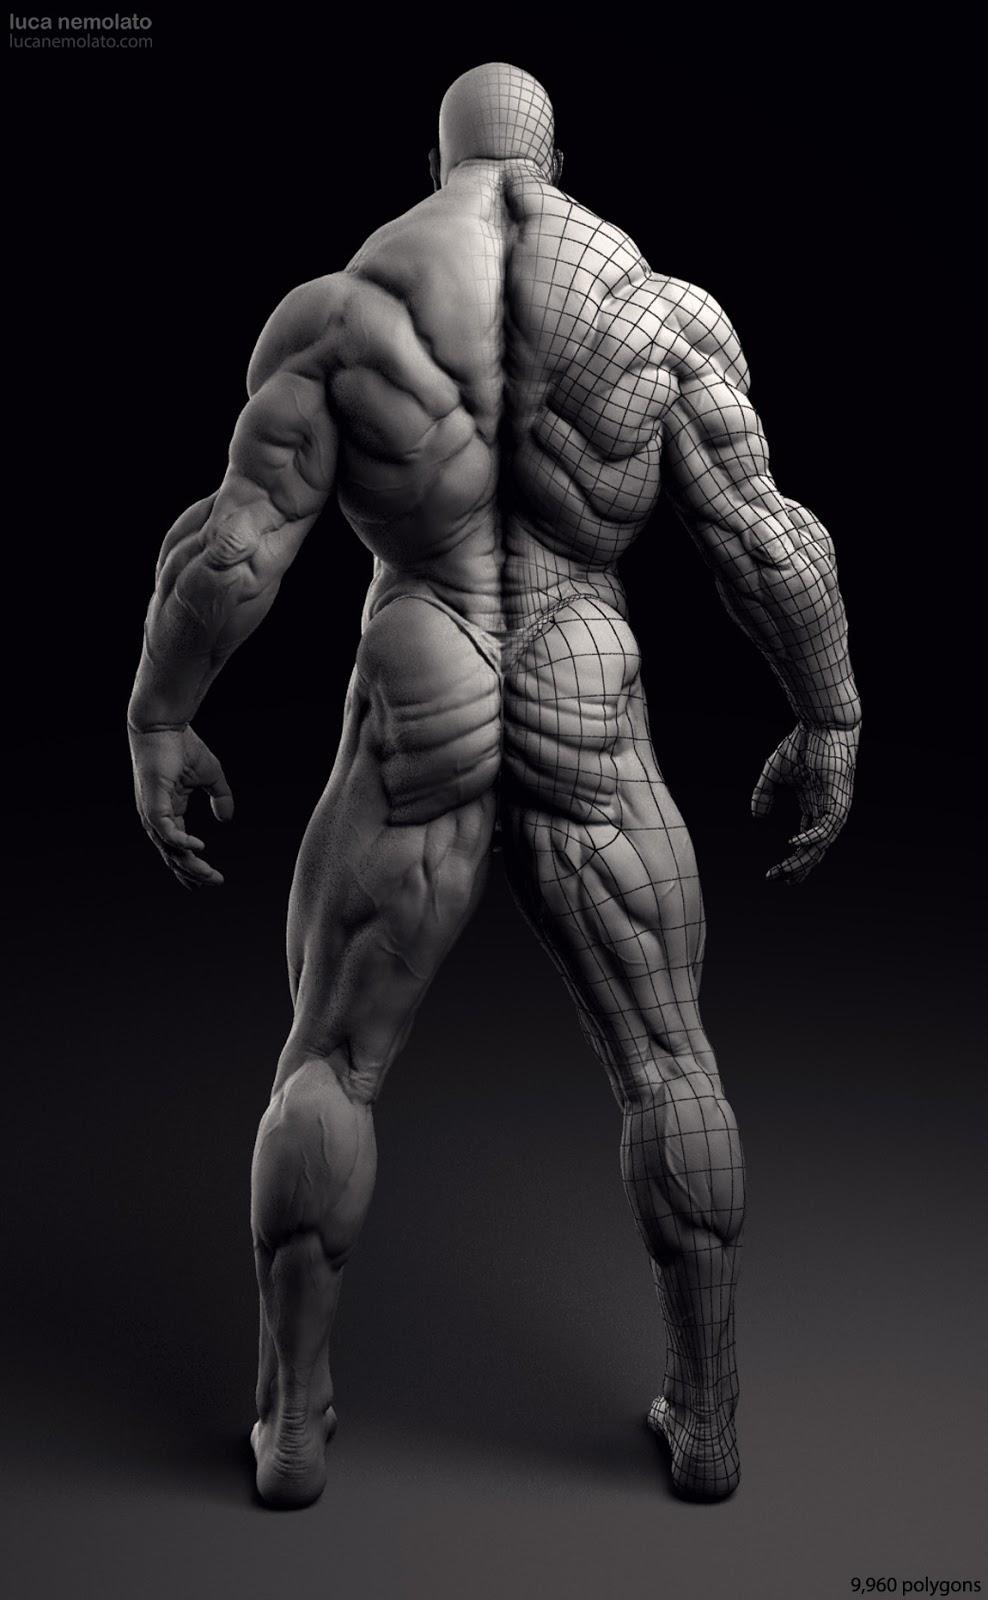 Luca Nemolato - Official Blog: Extreme Bodybuilder